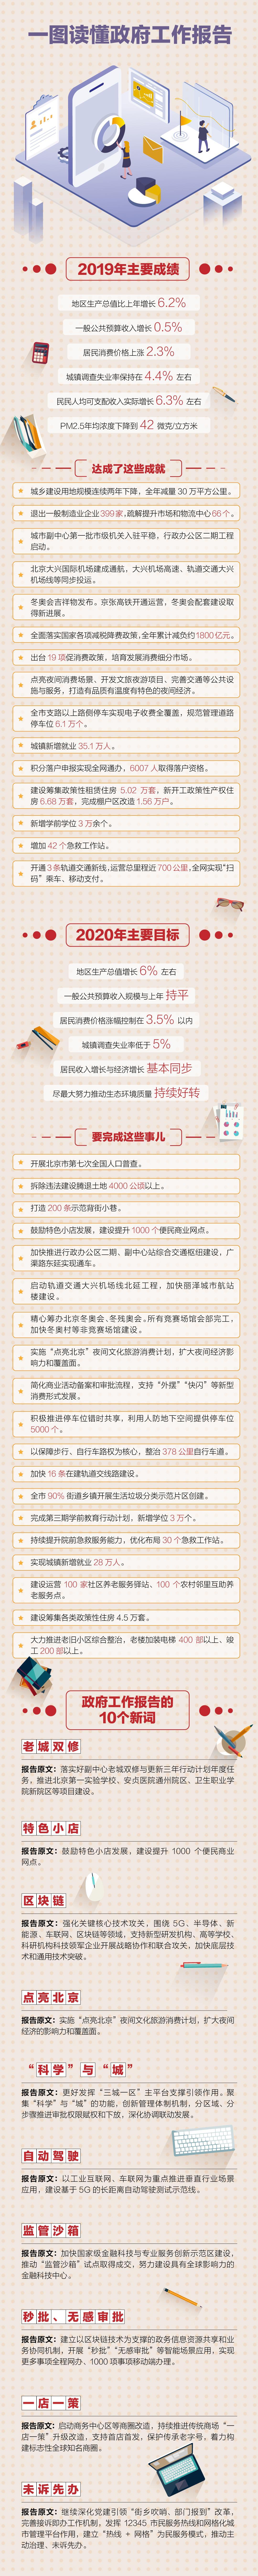 广东自然资源厅:防疫医疗设施可先行使用土地